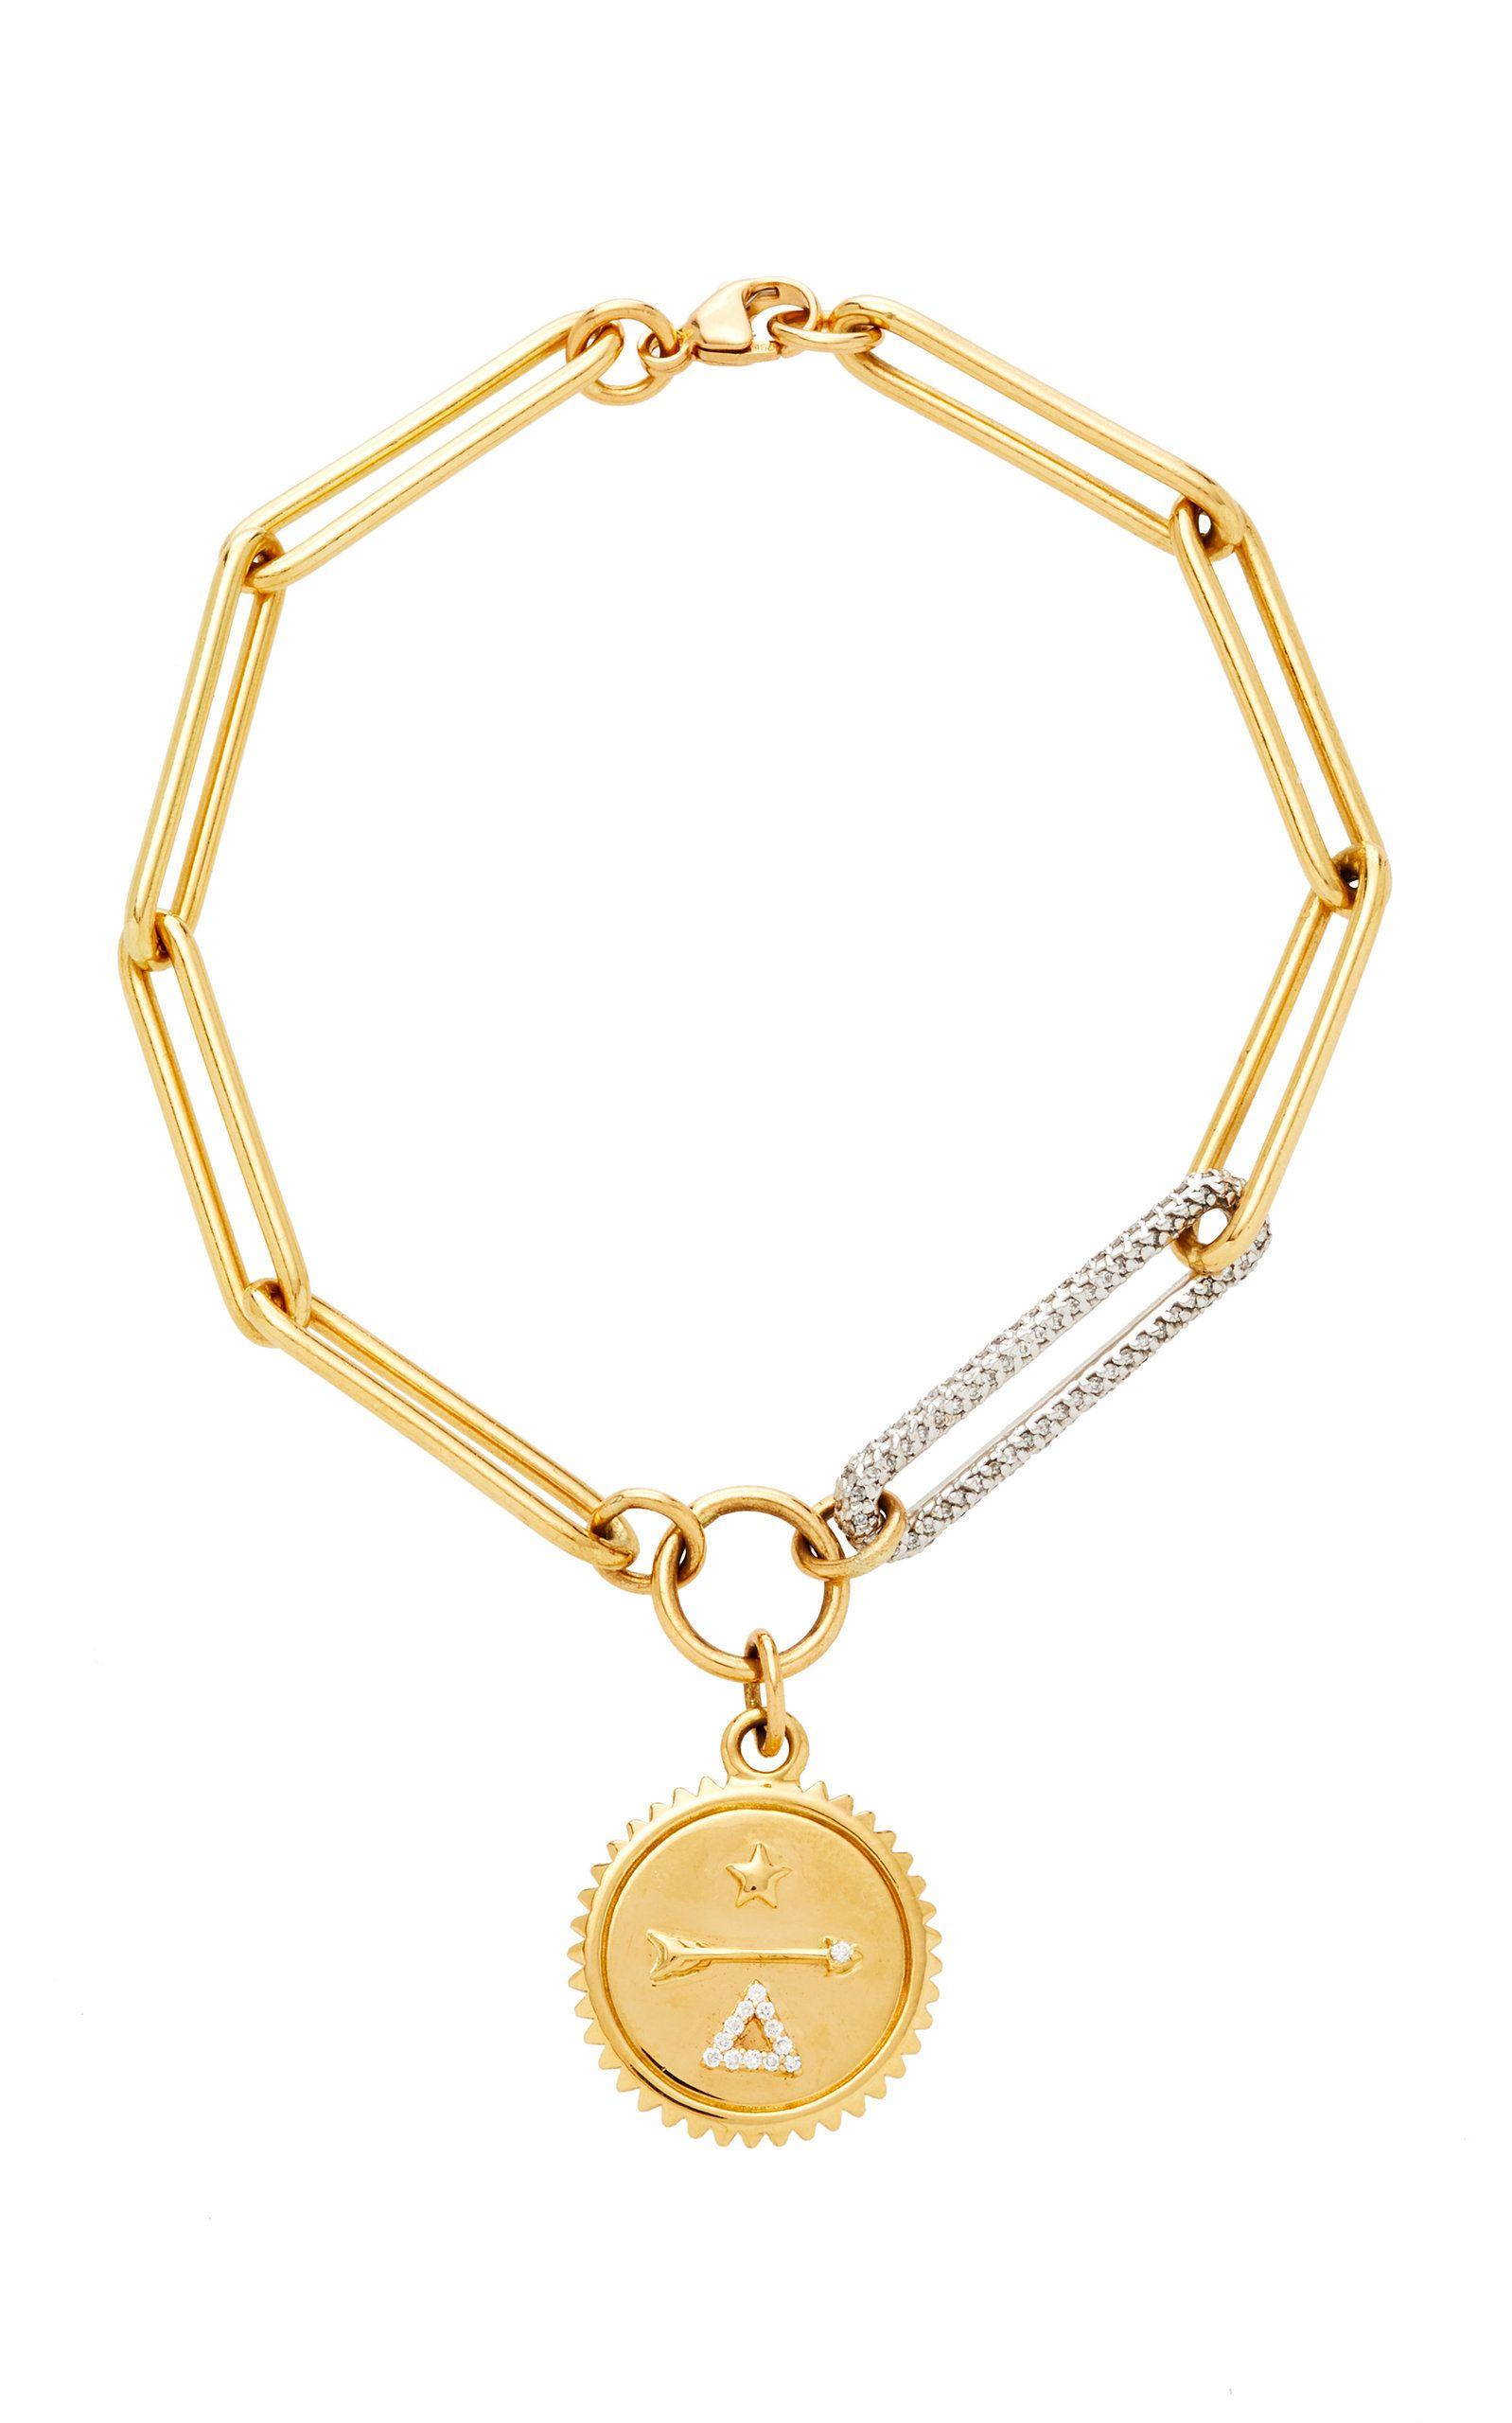 Dream classic fob clip bracelet in moda operandi sp